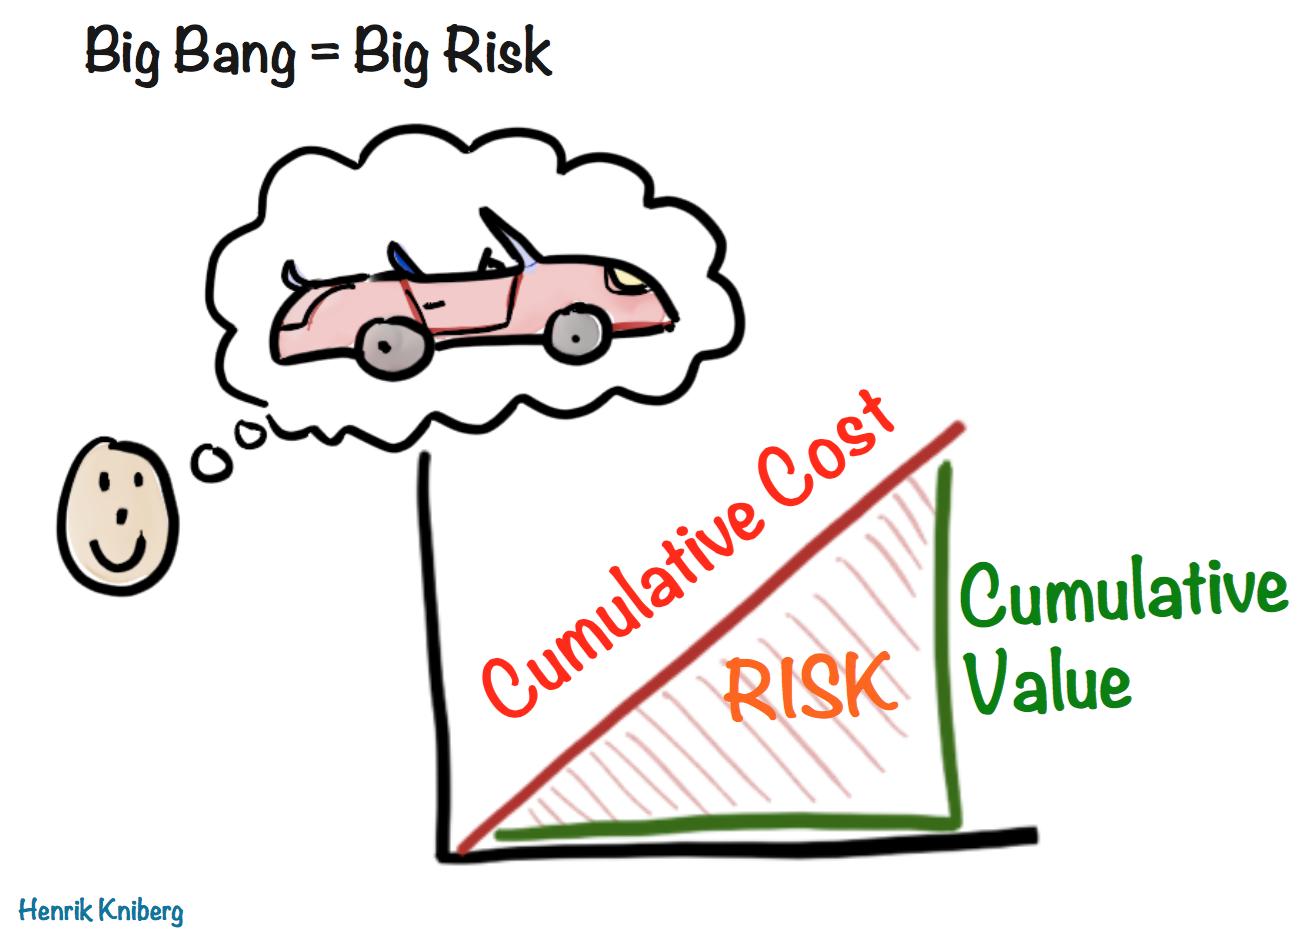 Big Bang is Big Risk